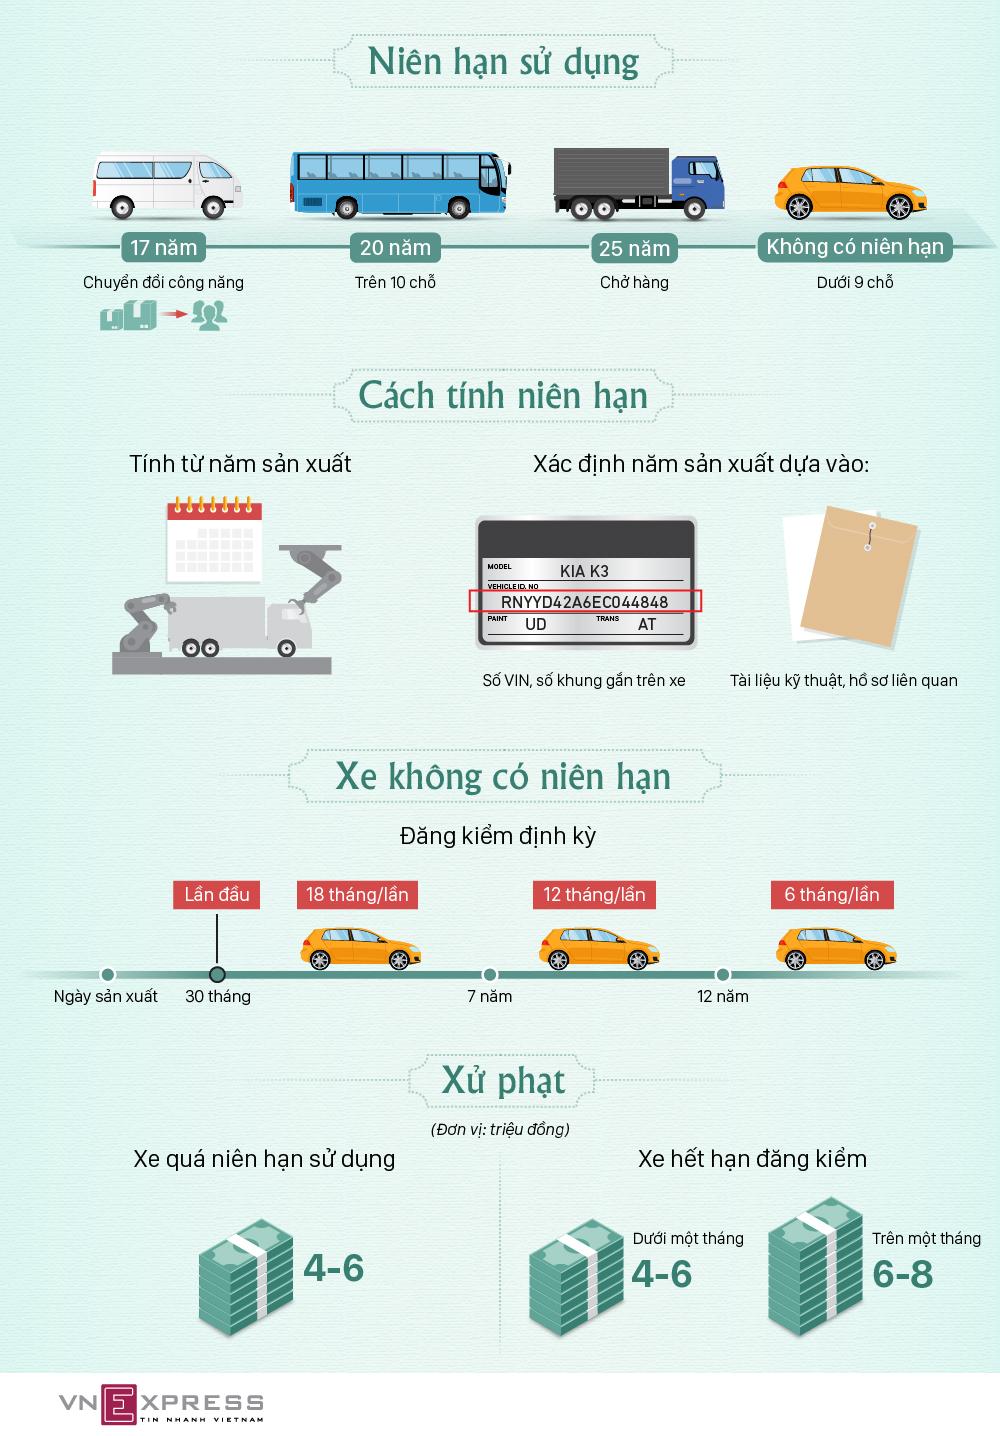 Ôtô ở Việt Nam được phép sử dụng trong bao lâu